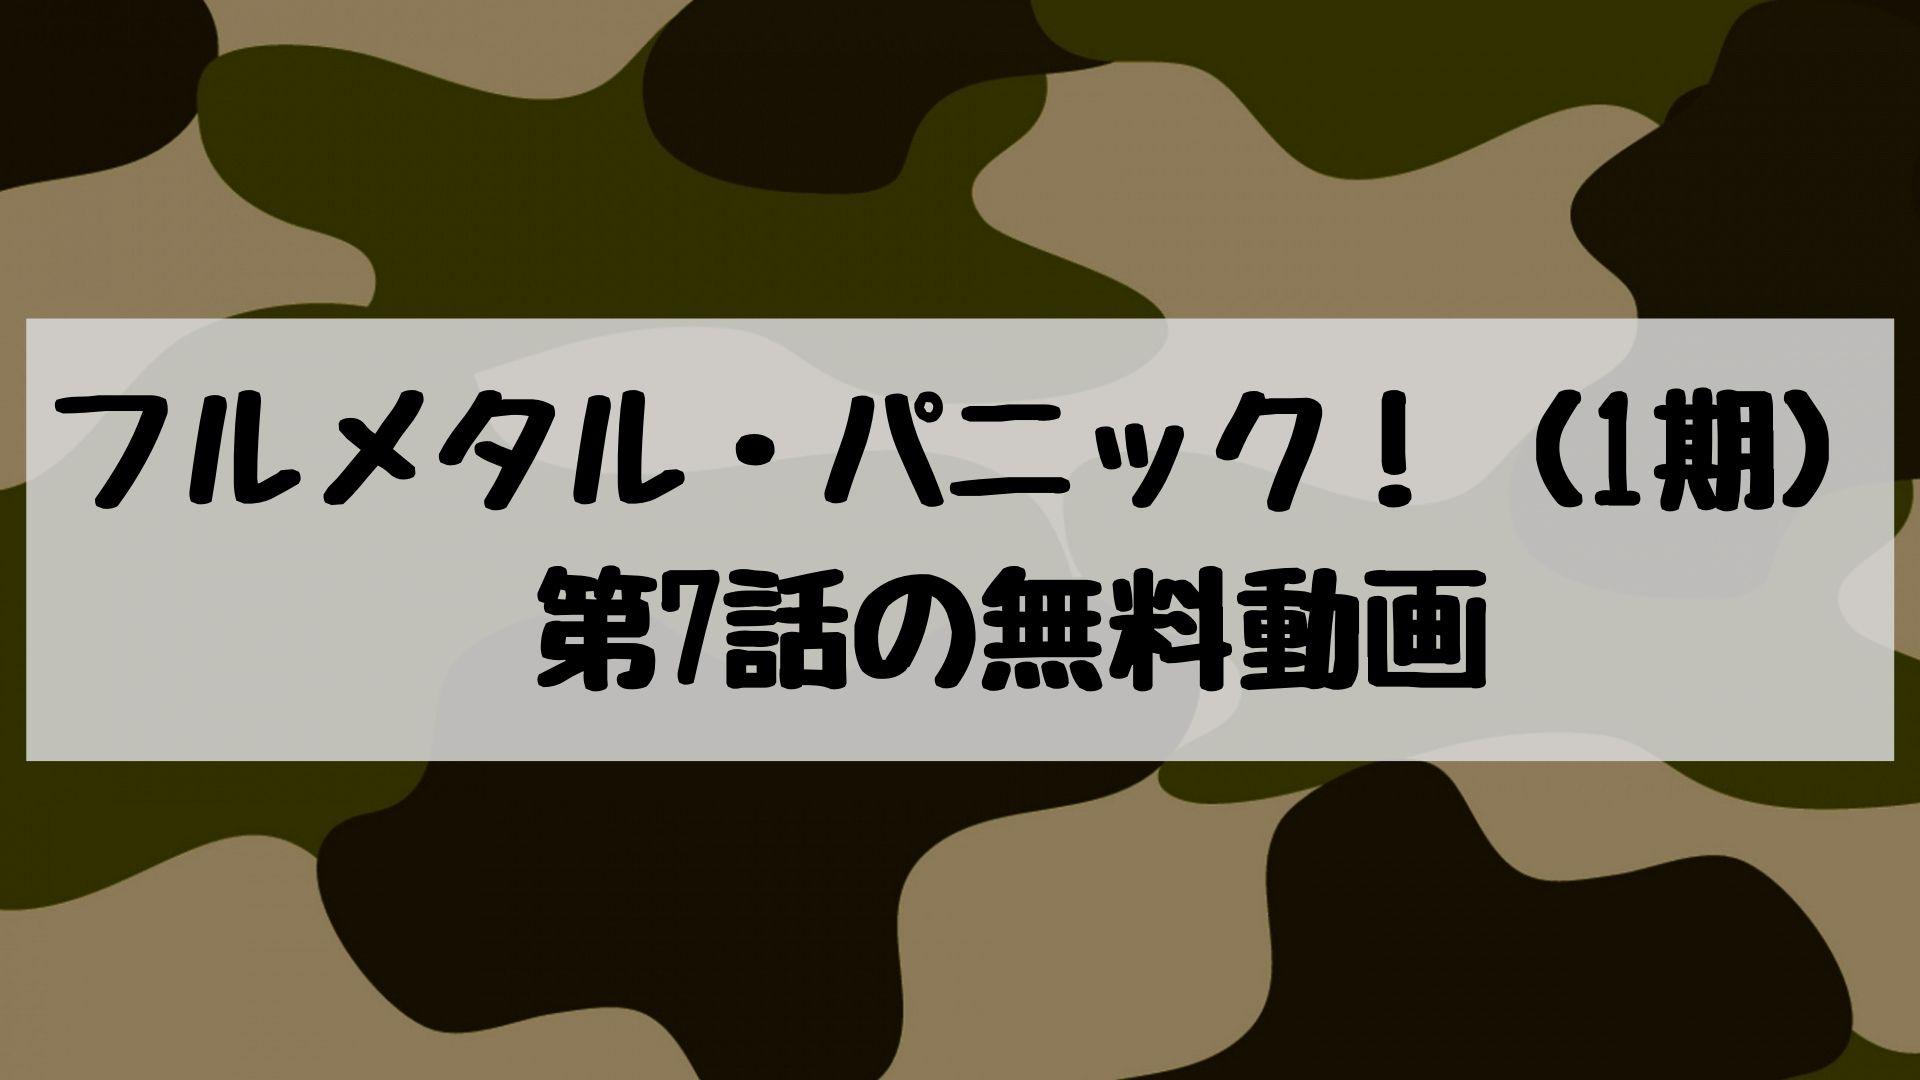 フルメタル・パニック!(1期) 第7話の無料動画